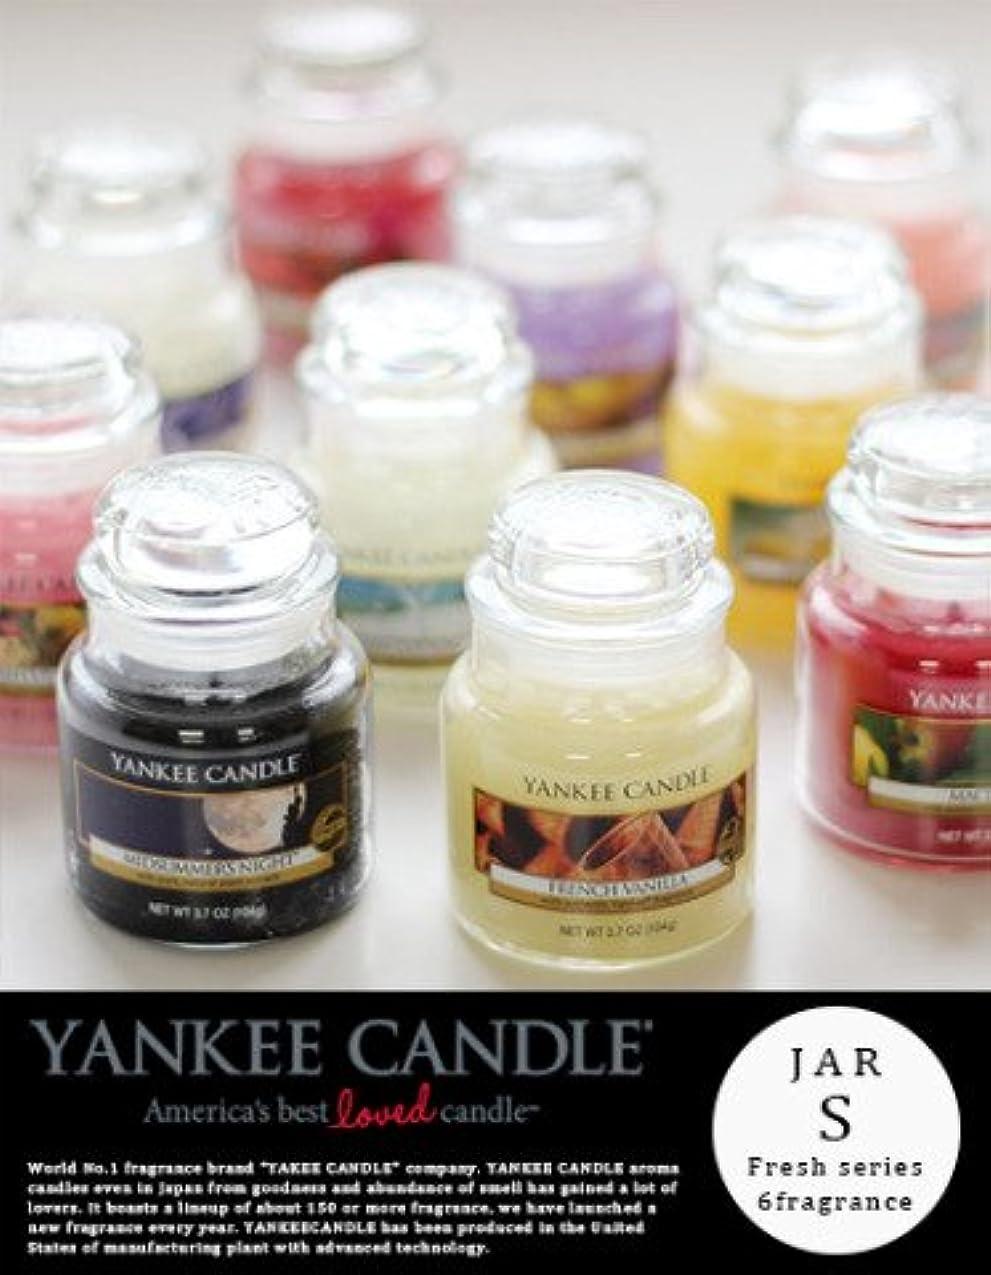 センチメンタル刺激する自発YANKEE CANDLE ヤンキーキャンドル ジャーS フレッシュシリーズ【クリーンコットン】